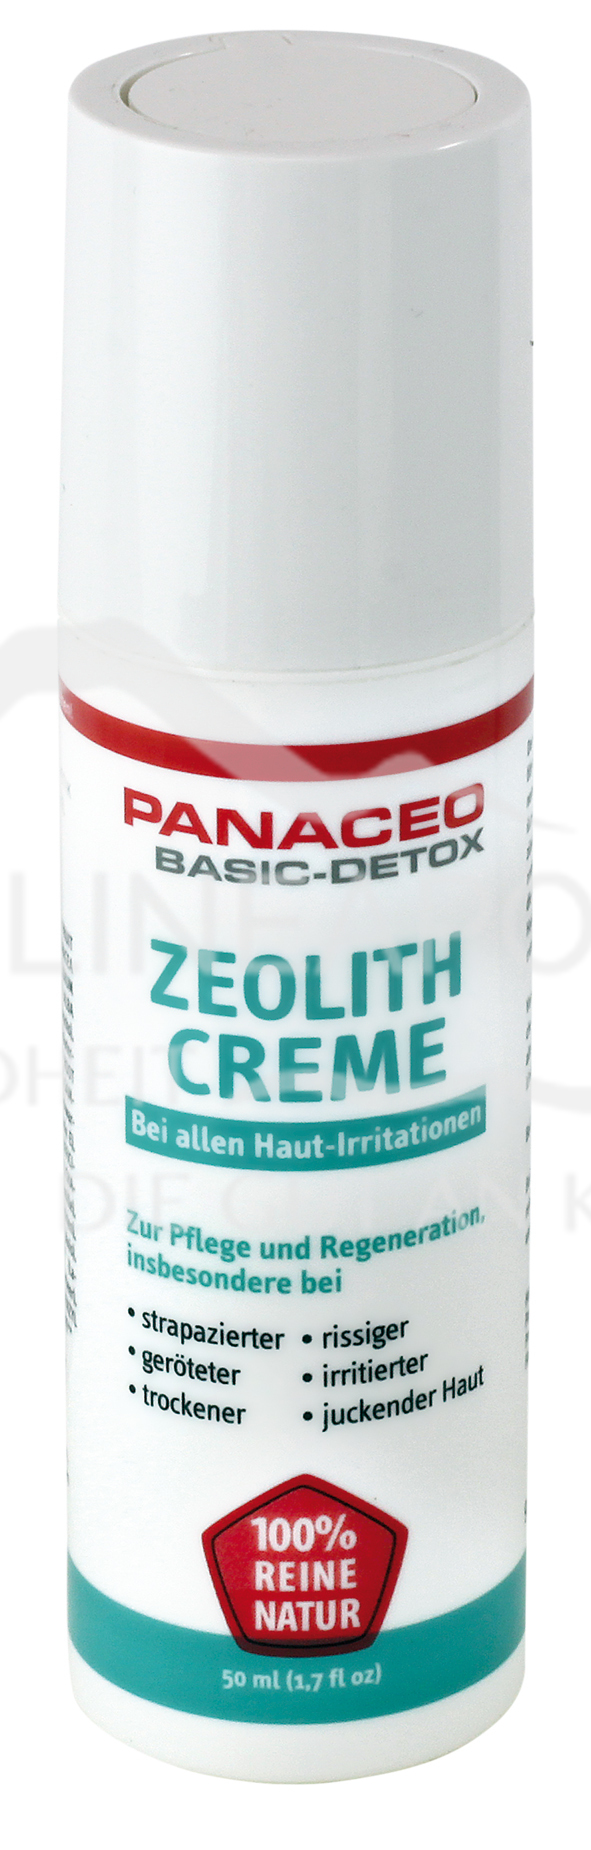 Panaceo Zeolith Creme